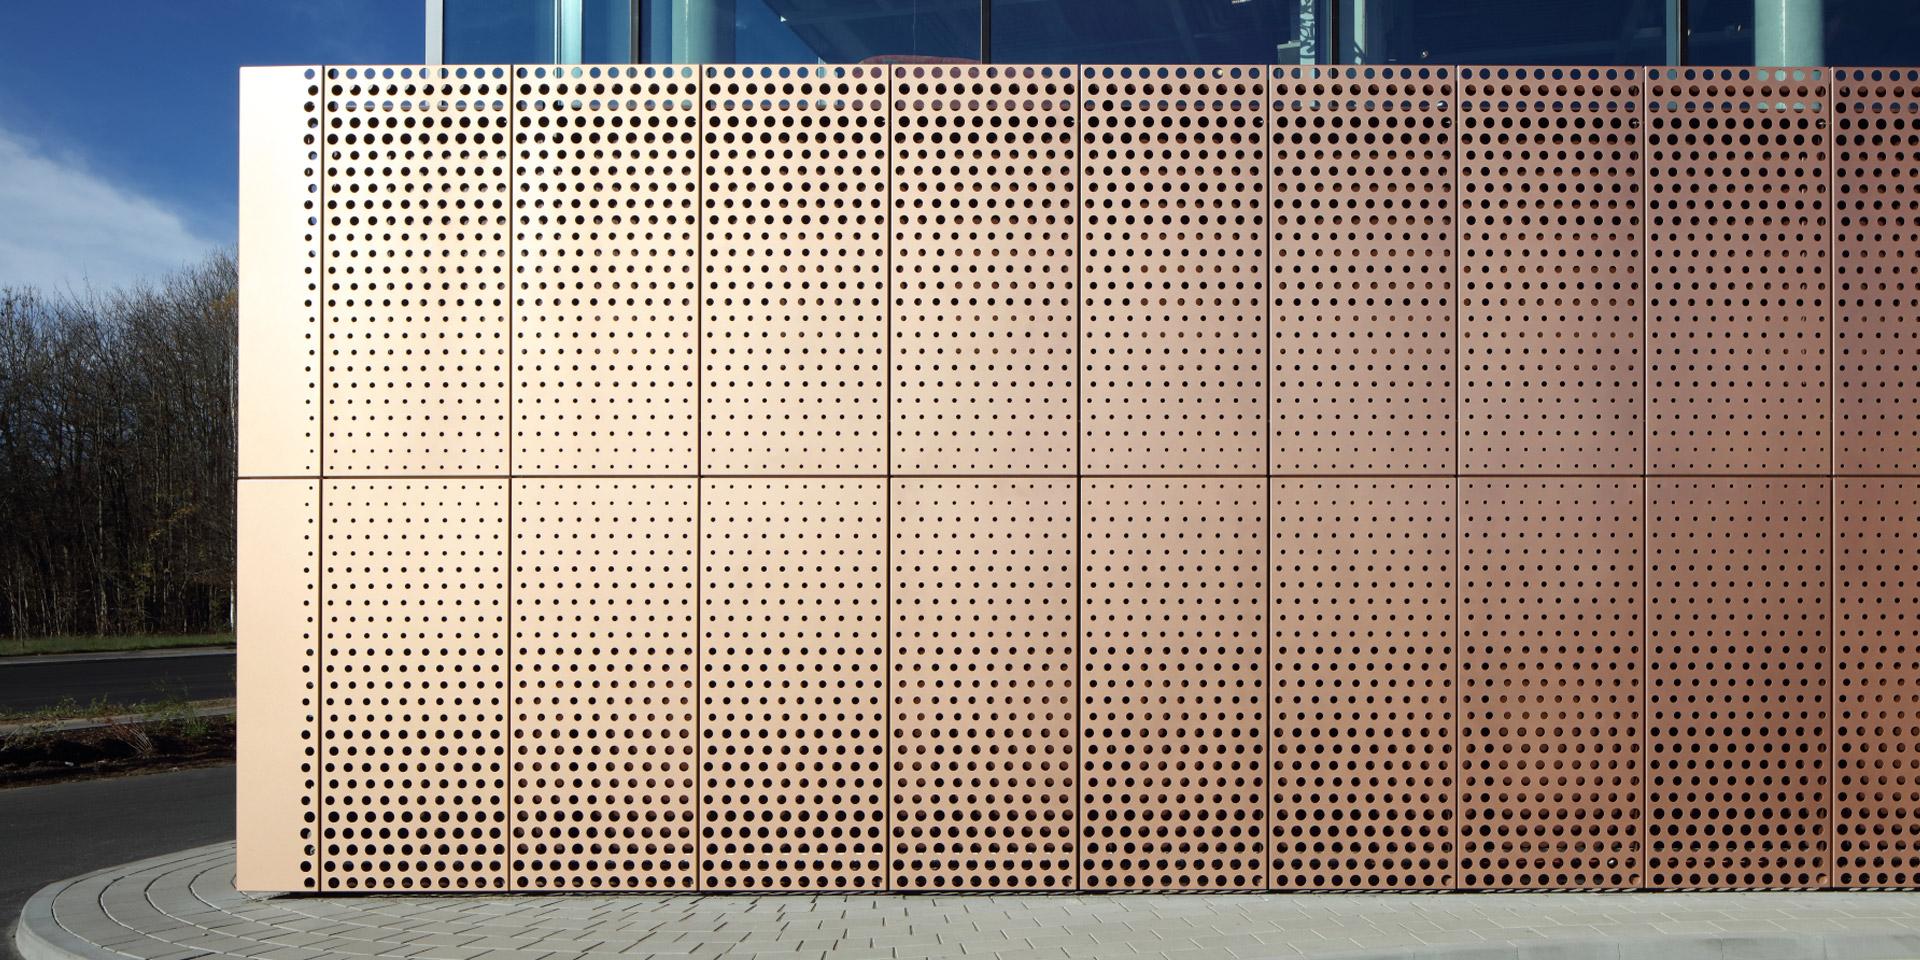 XXXLutz in Kempten von Blocher Blocher Partners aus Stuttgart mit kupferfarbenen Fassadenblechen im Duraflon-Designfarbton Bright Copper